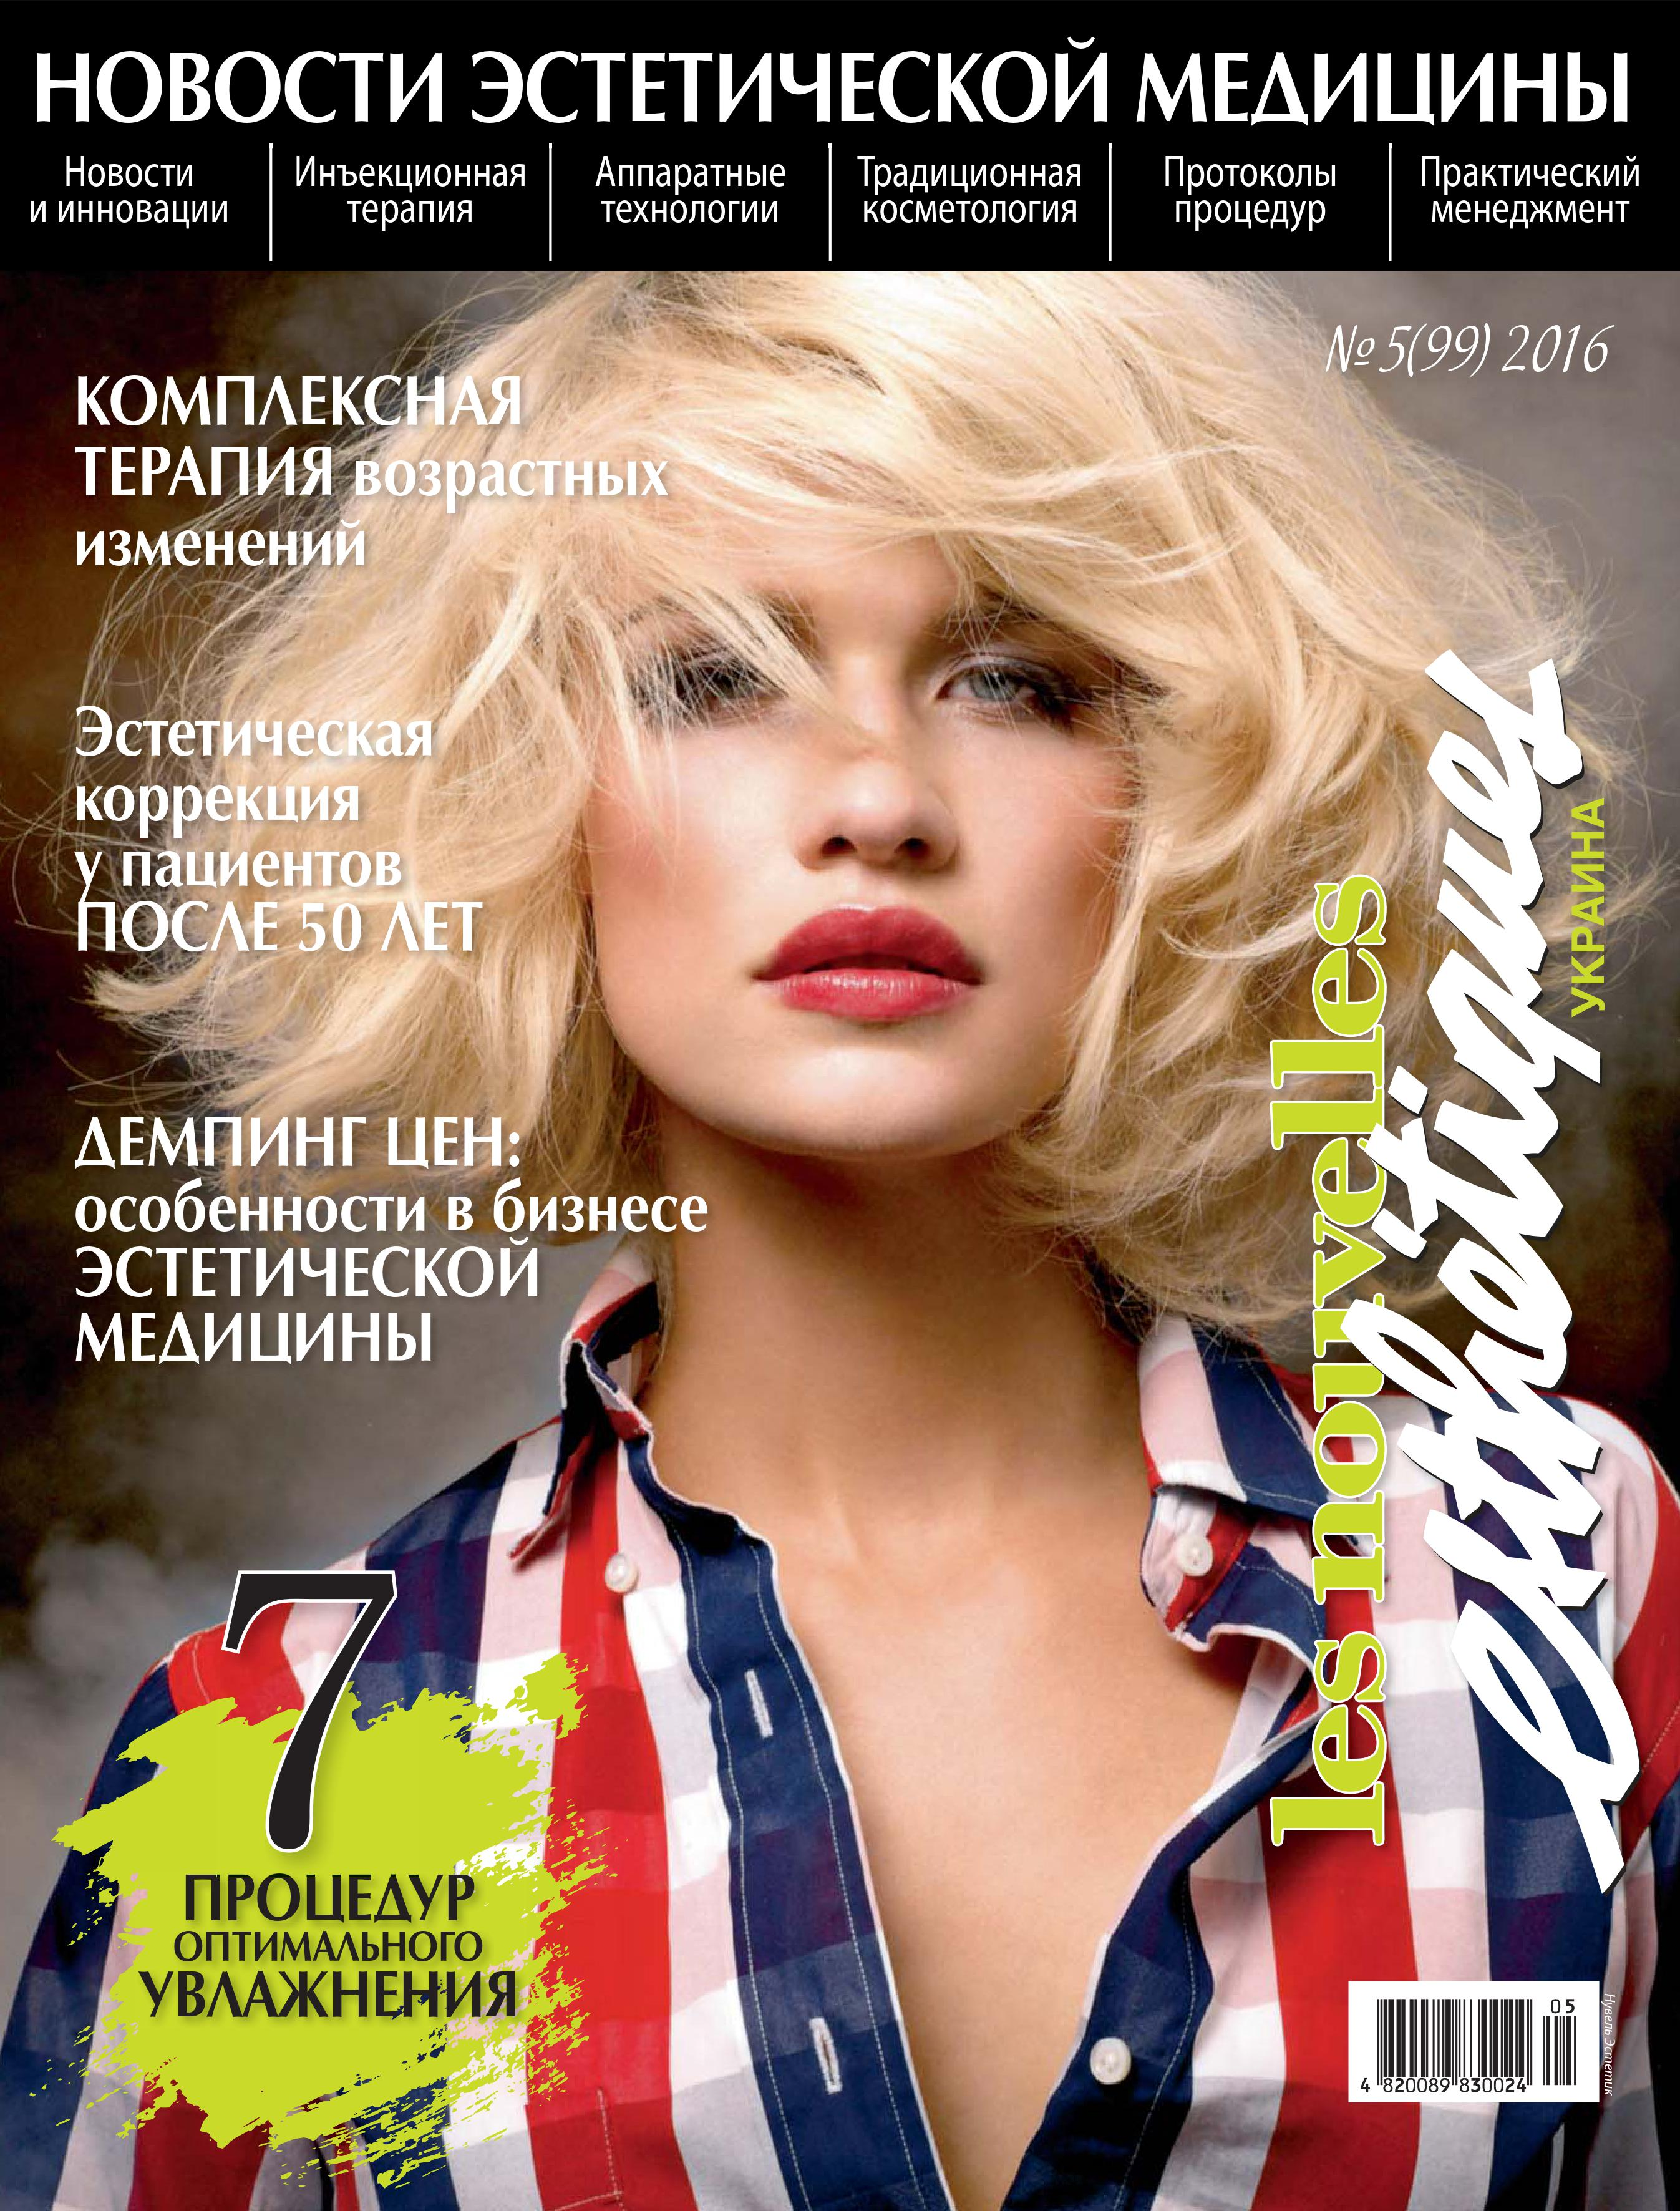 Обложка журнала новости эстетической медицины